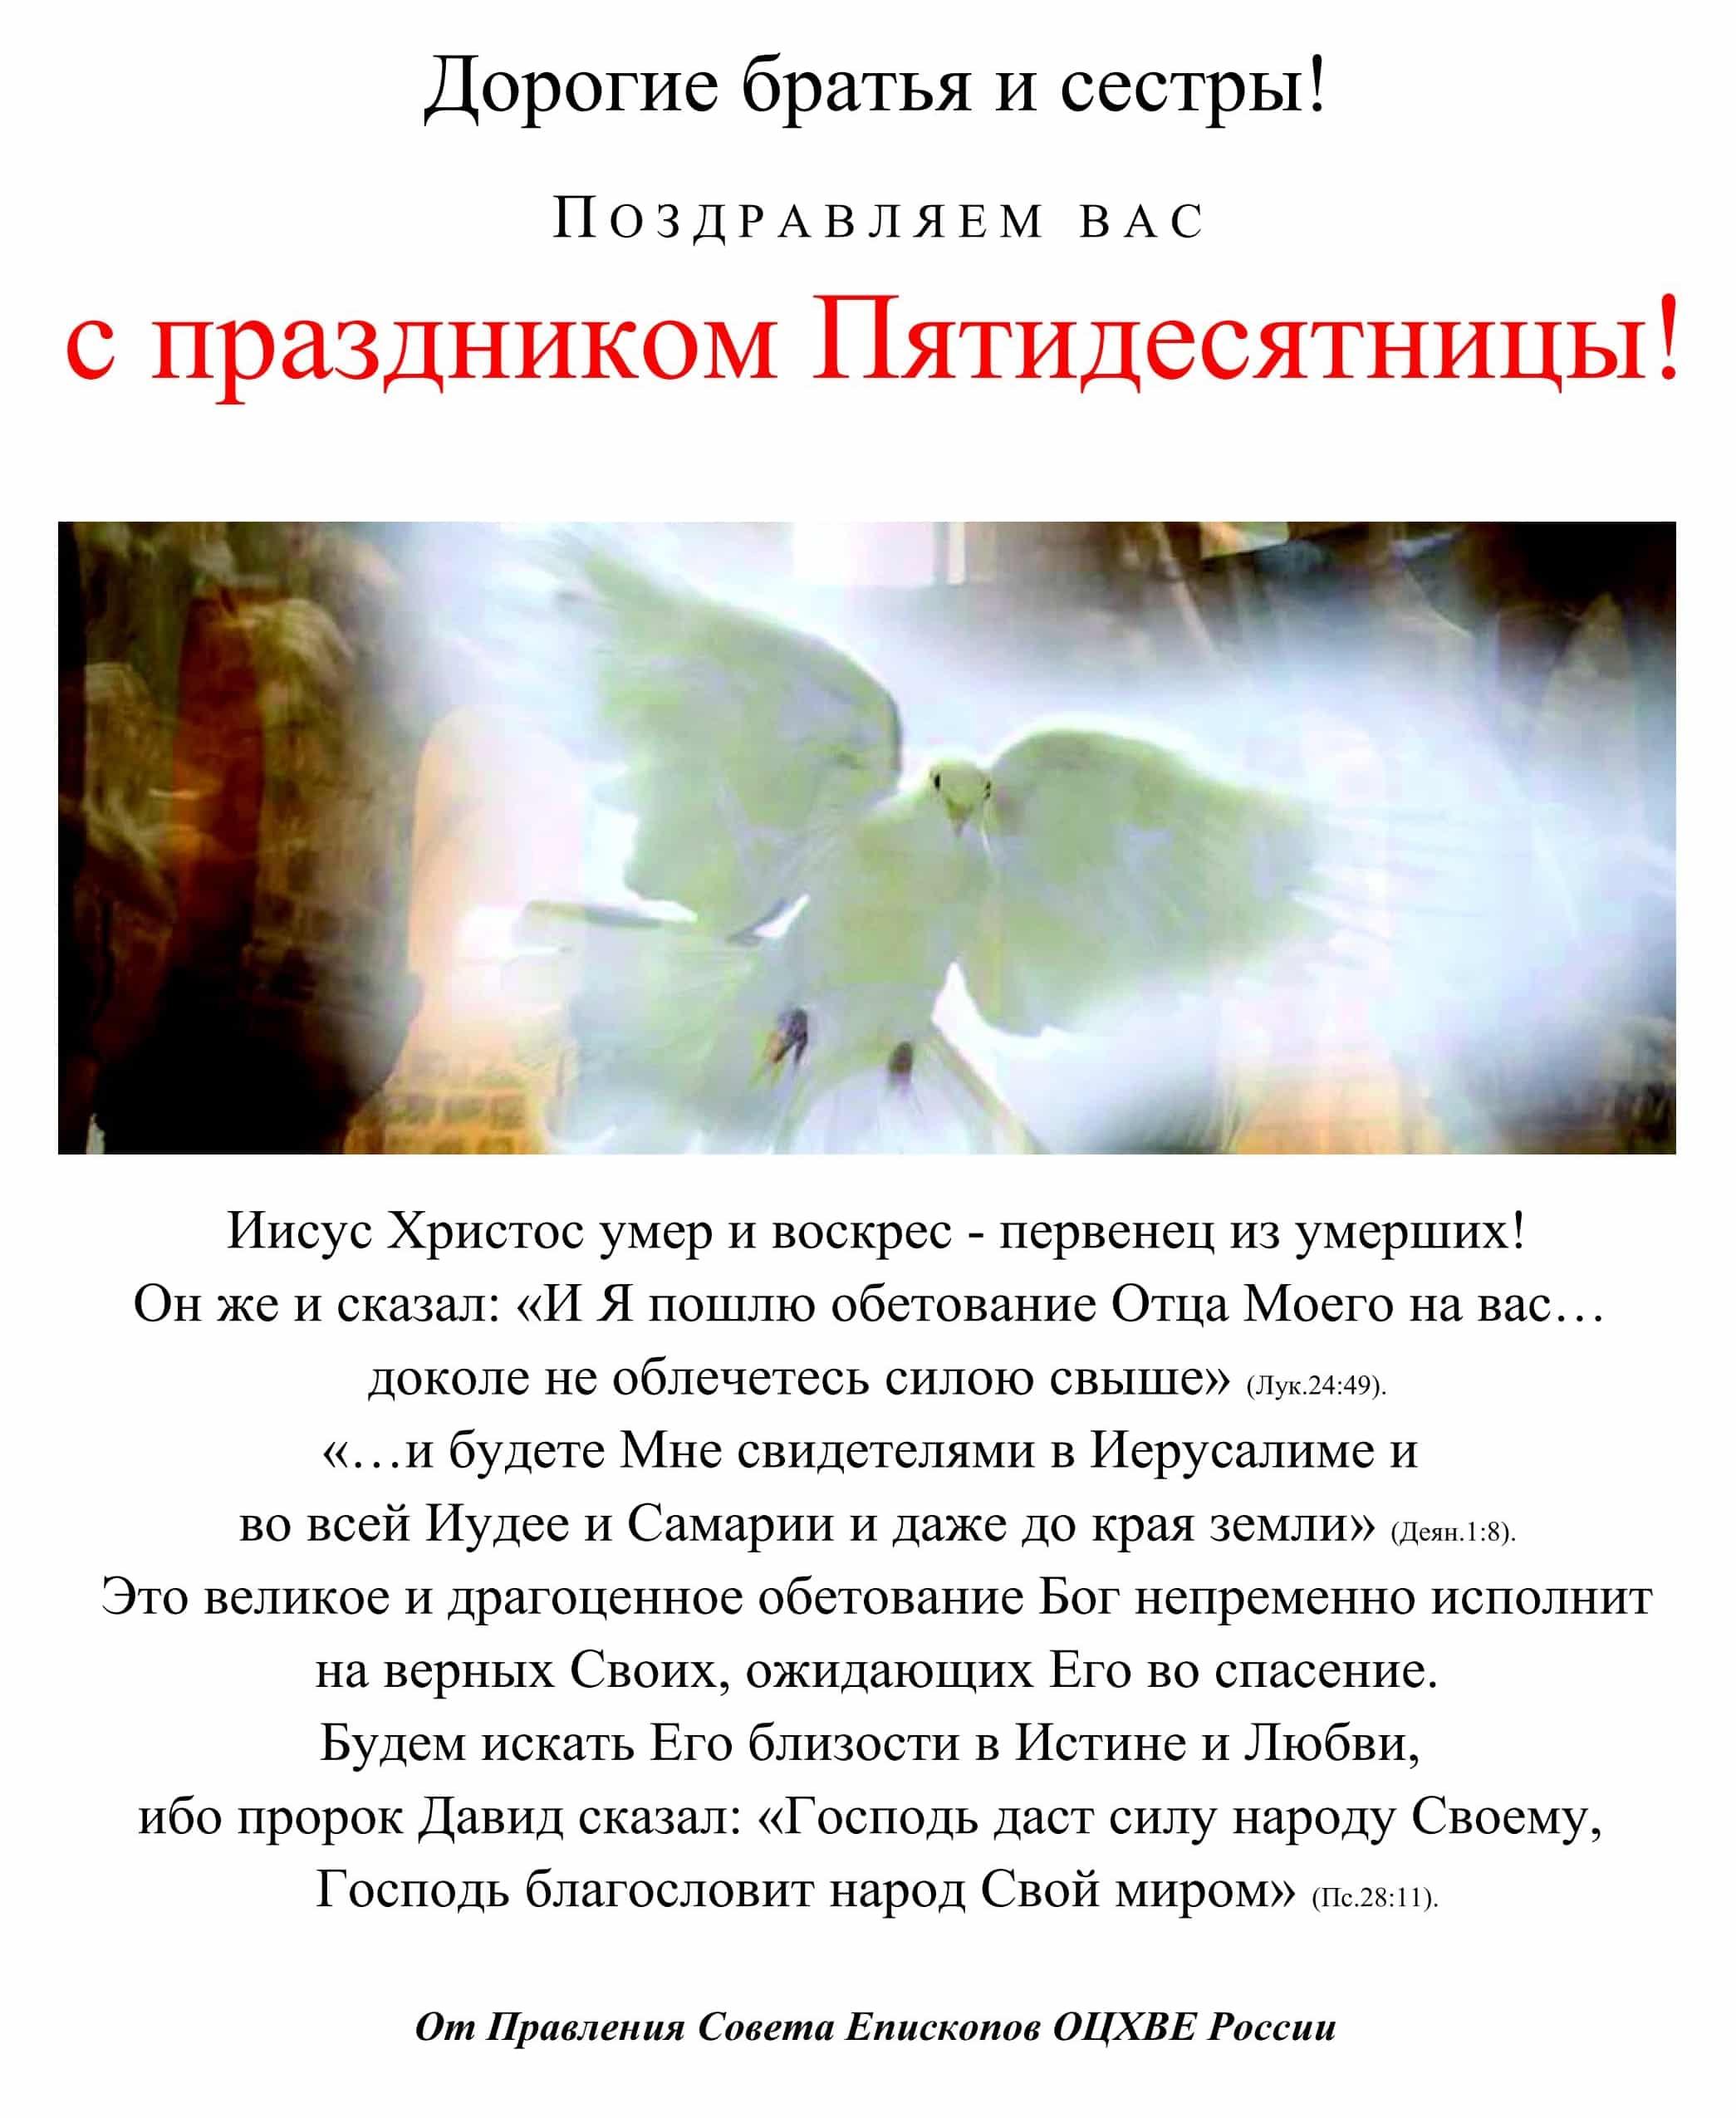 Поздравляем Вас с праздником Пятидесятницы!